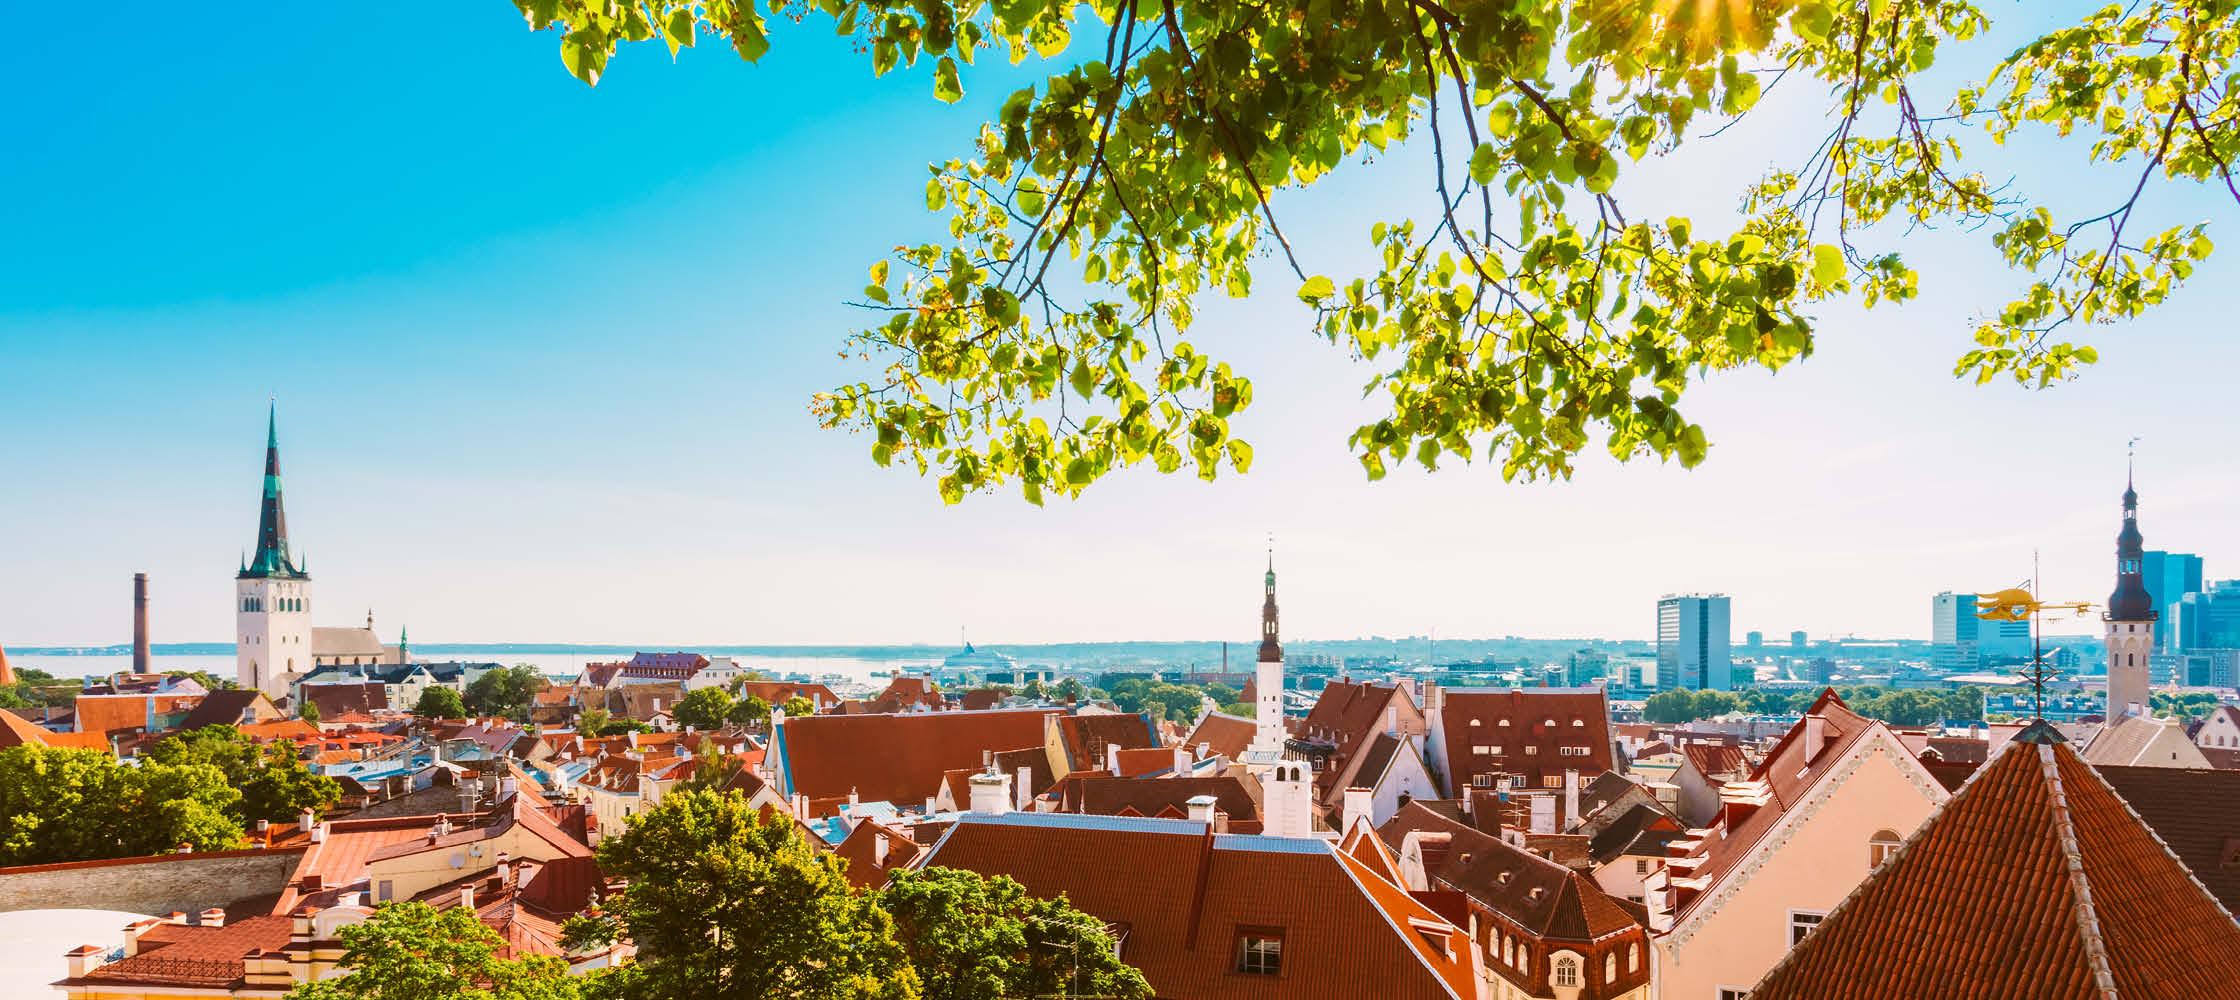 Udsigt over danskerbyen i Tallinn